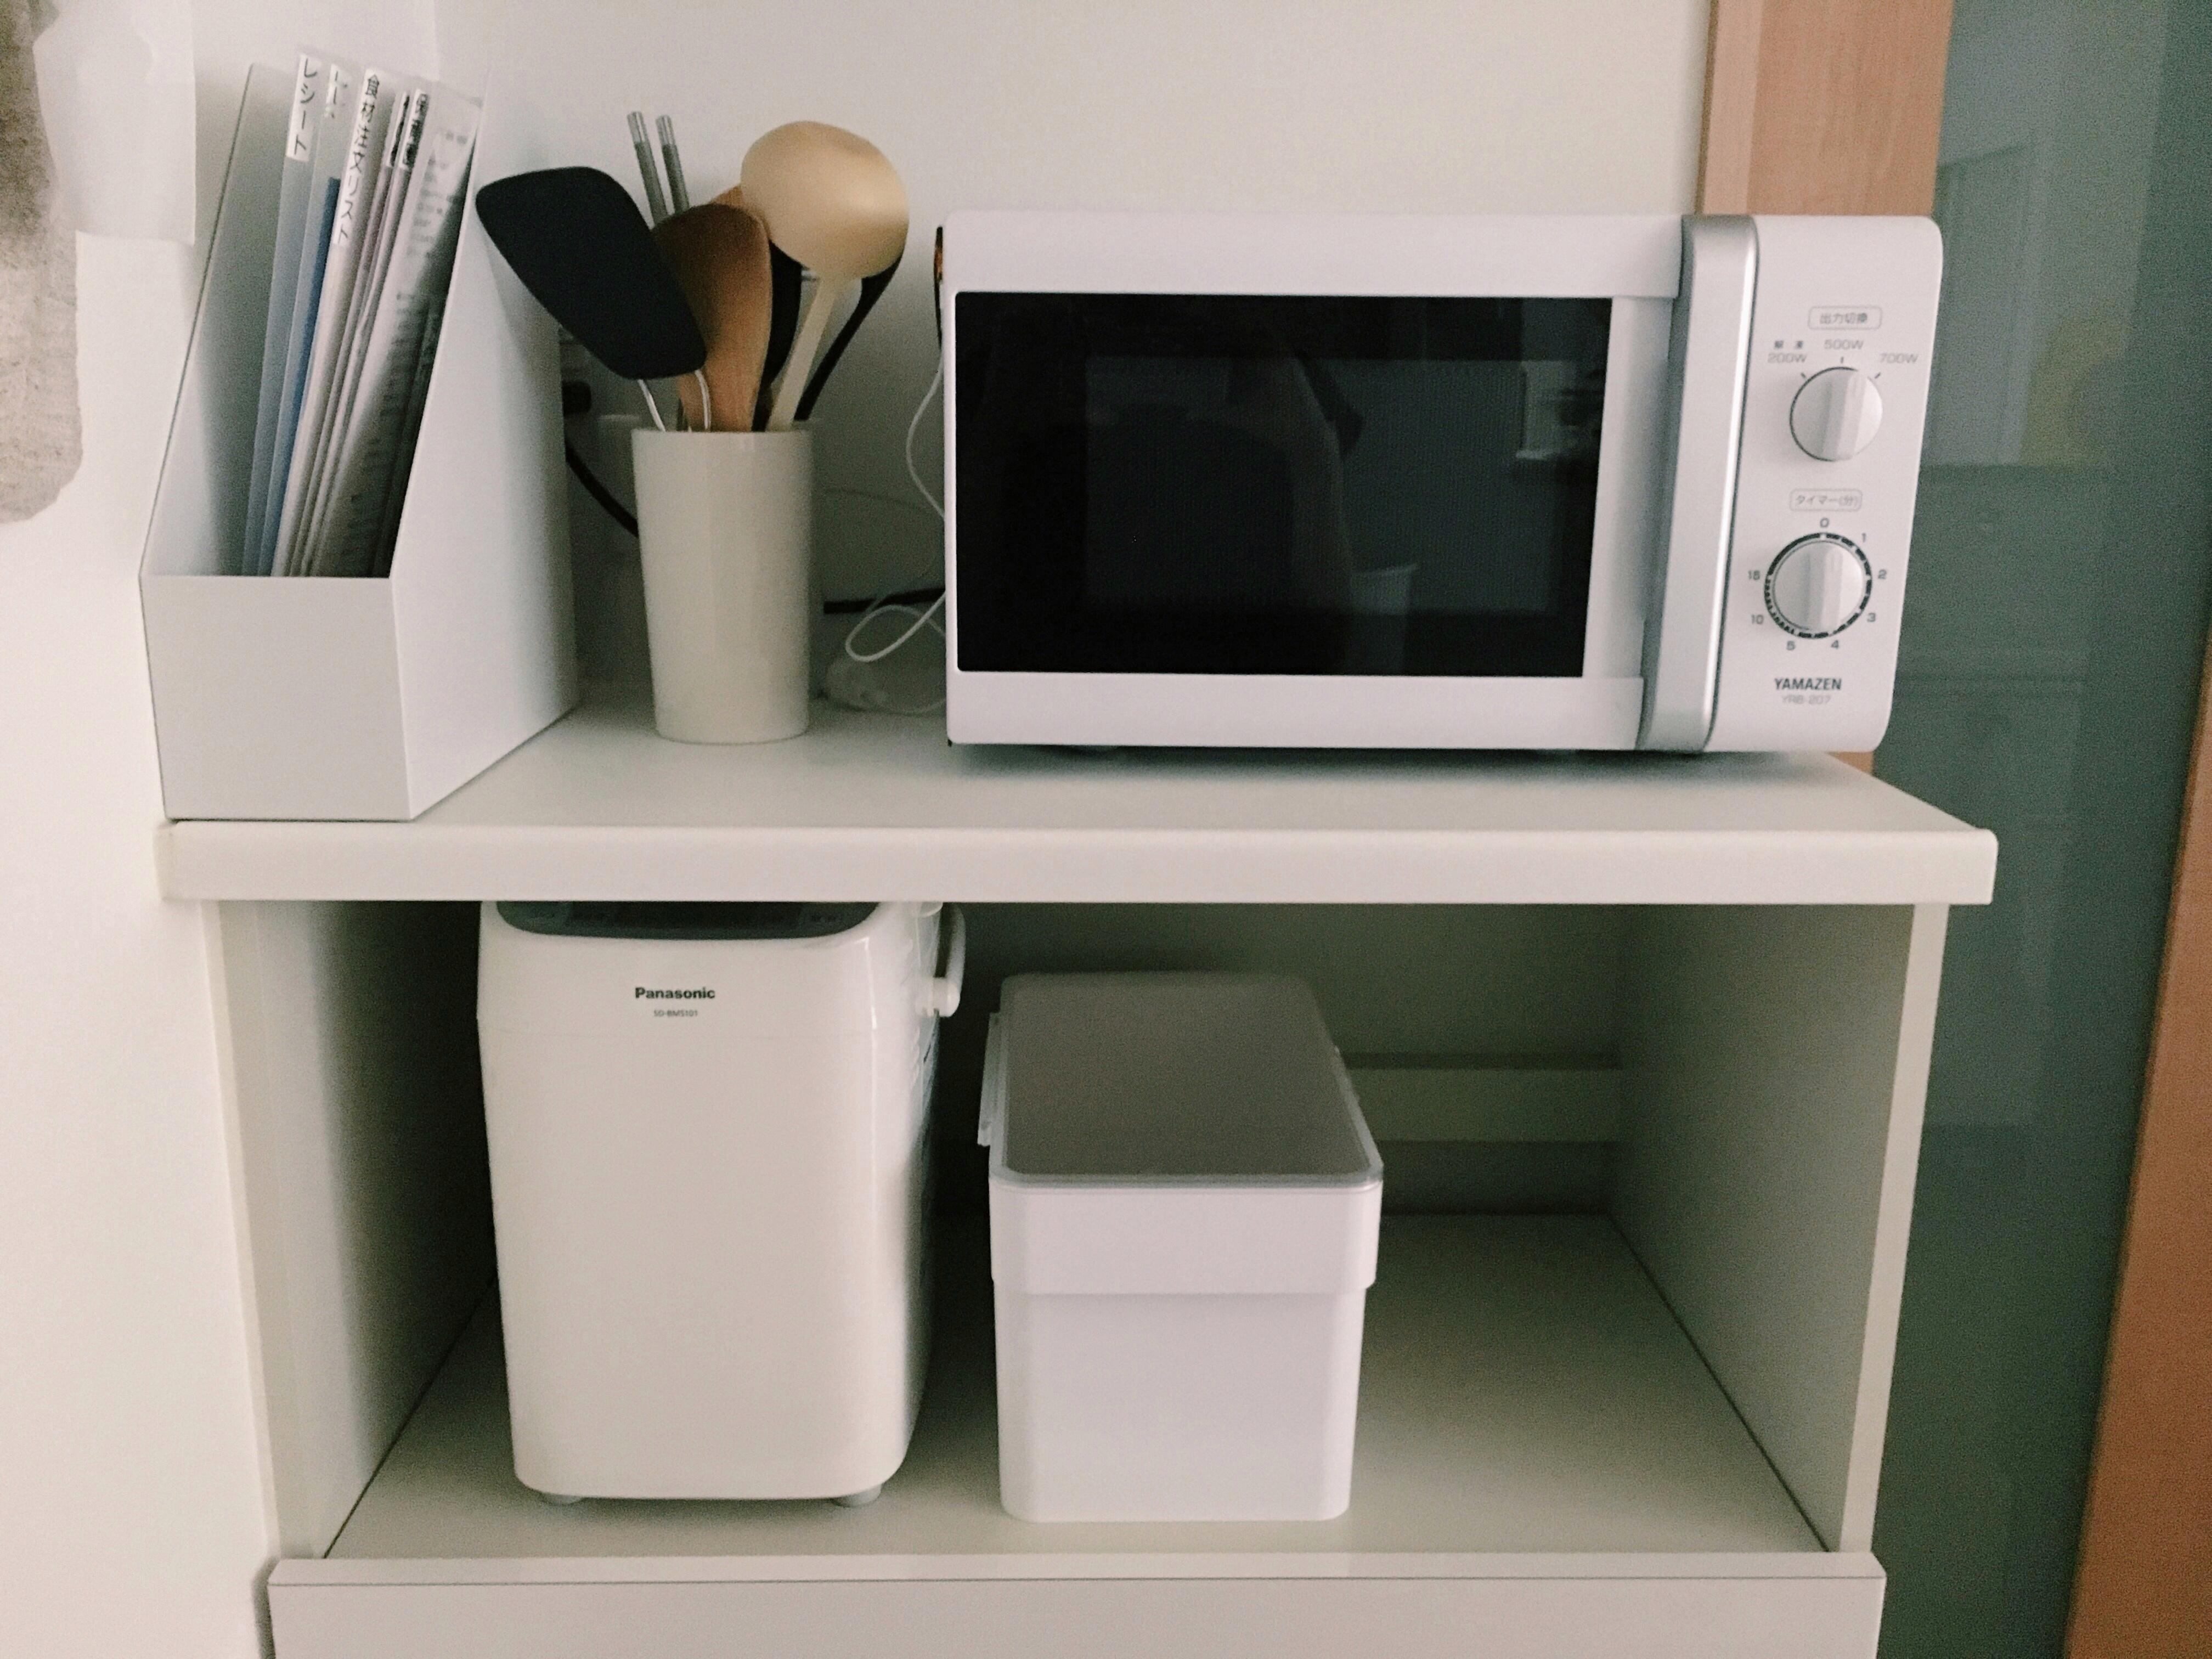 【キッチンの家電ラック収納】スッキリ収納を意識